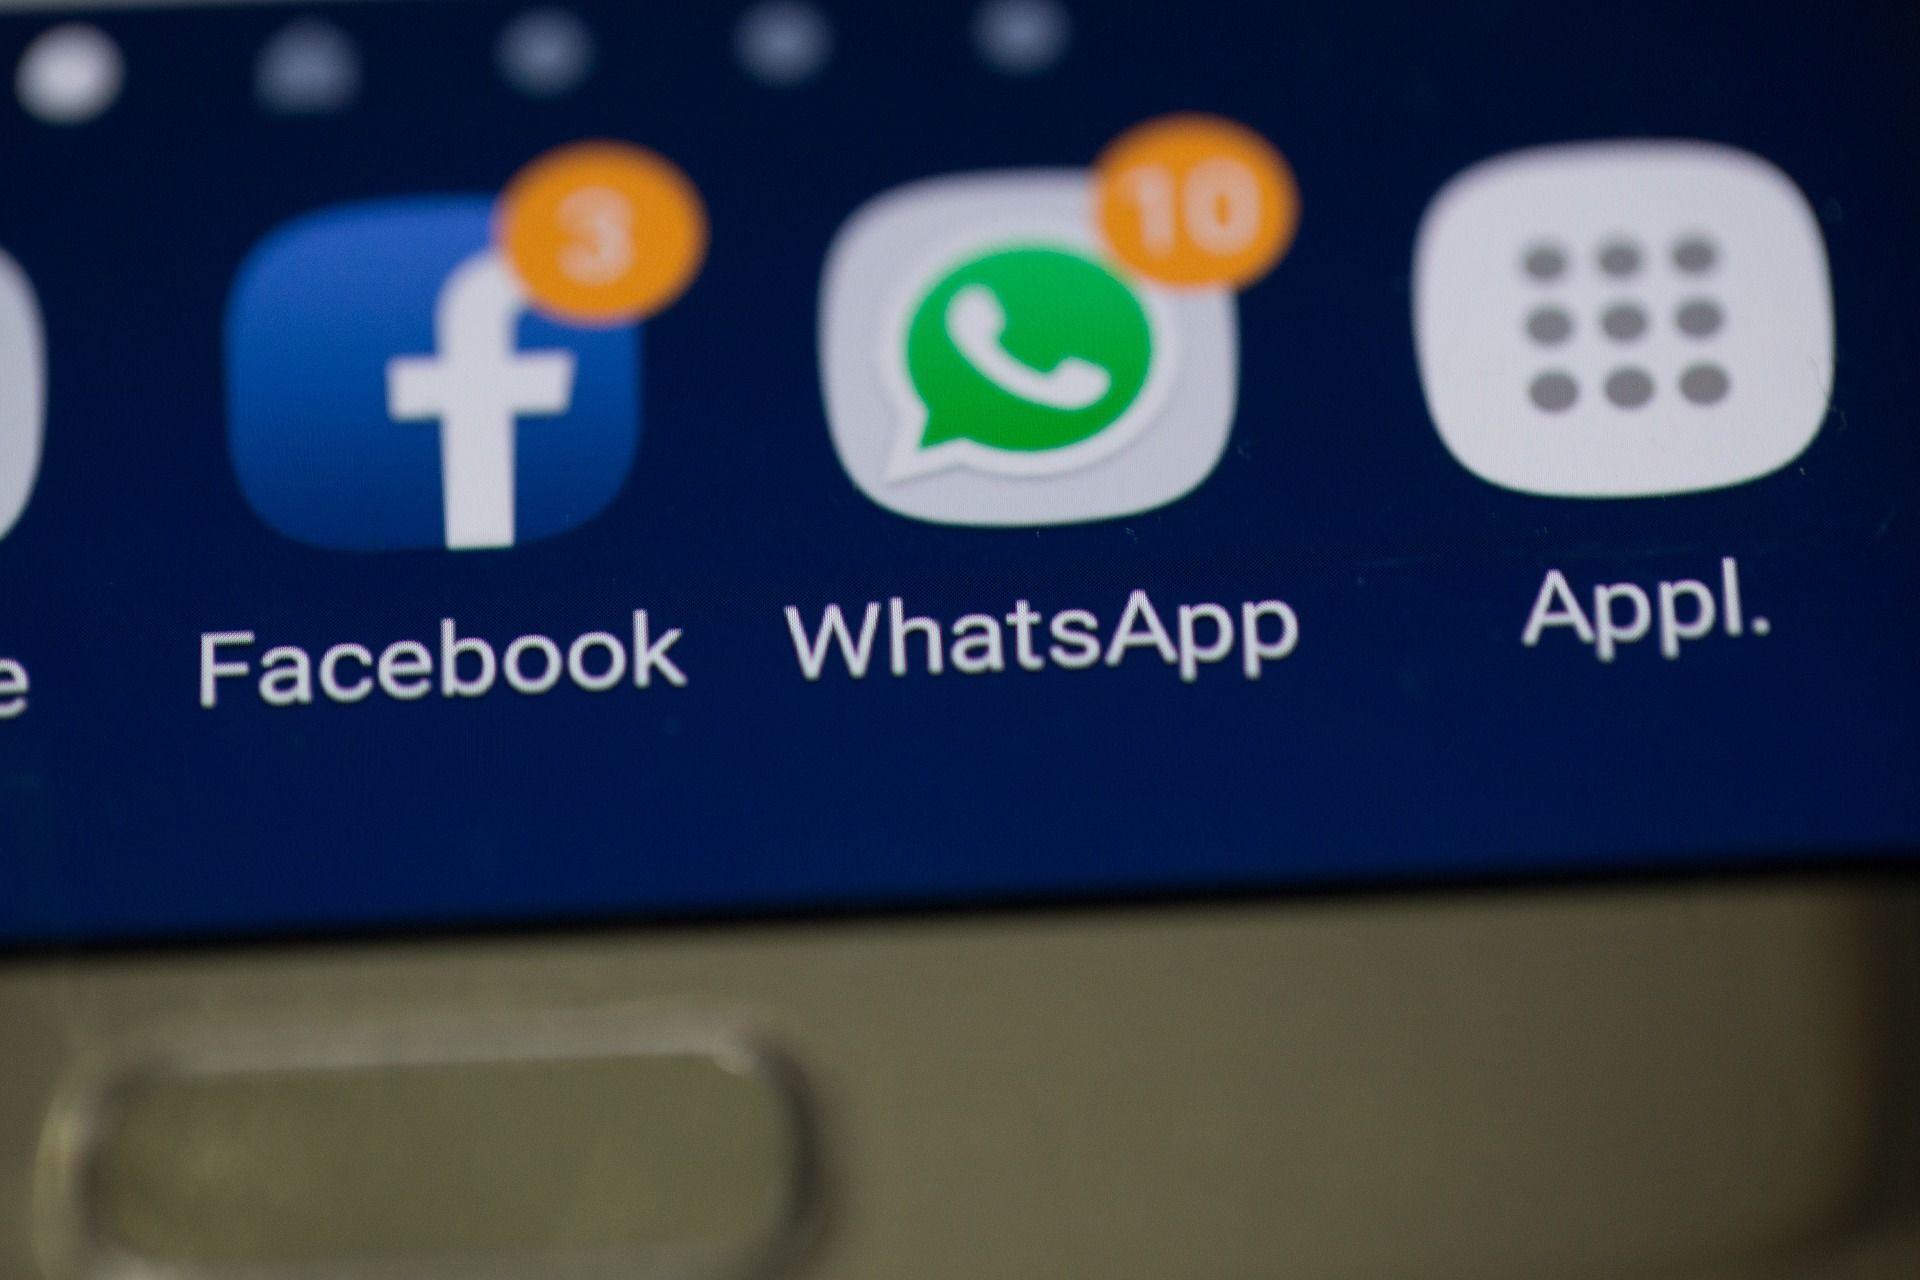 WhatsApp đã truyền tin nhắn, hình ảnh và người dùng lên Facebook trong một thời gian dài - Sputnik Việt Nam, 1920, 13.05.2021